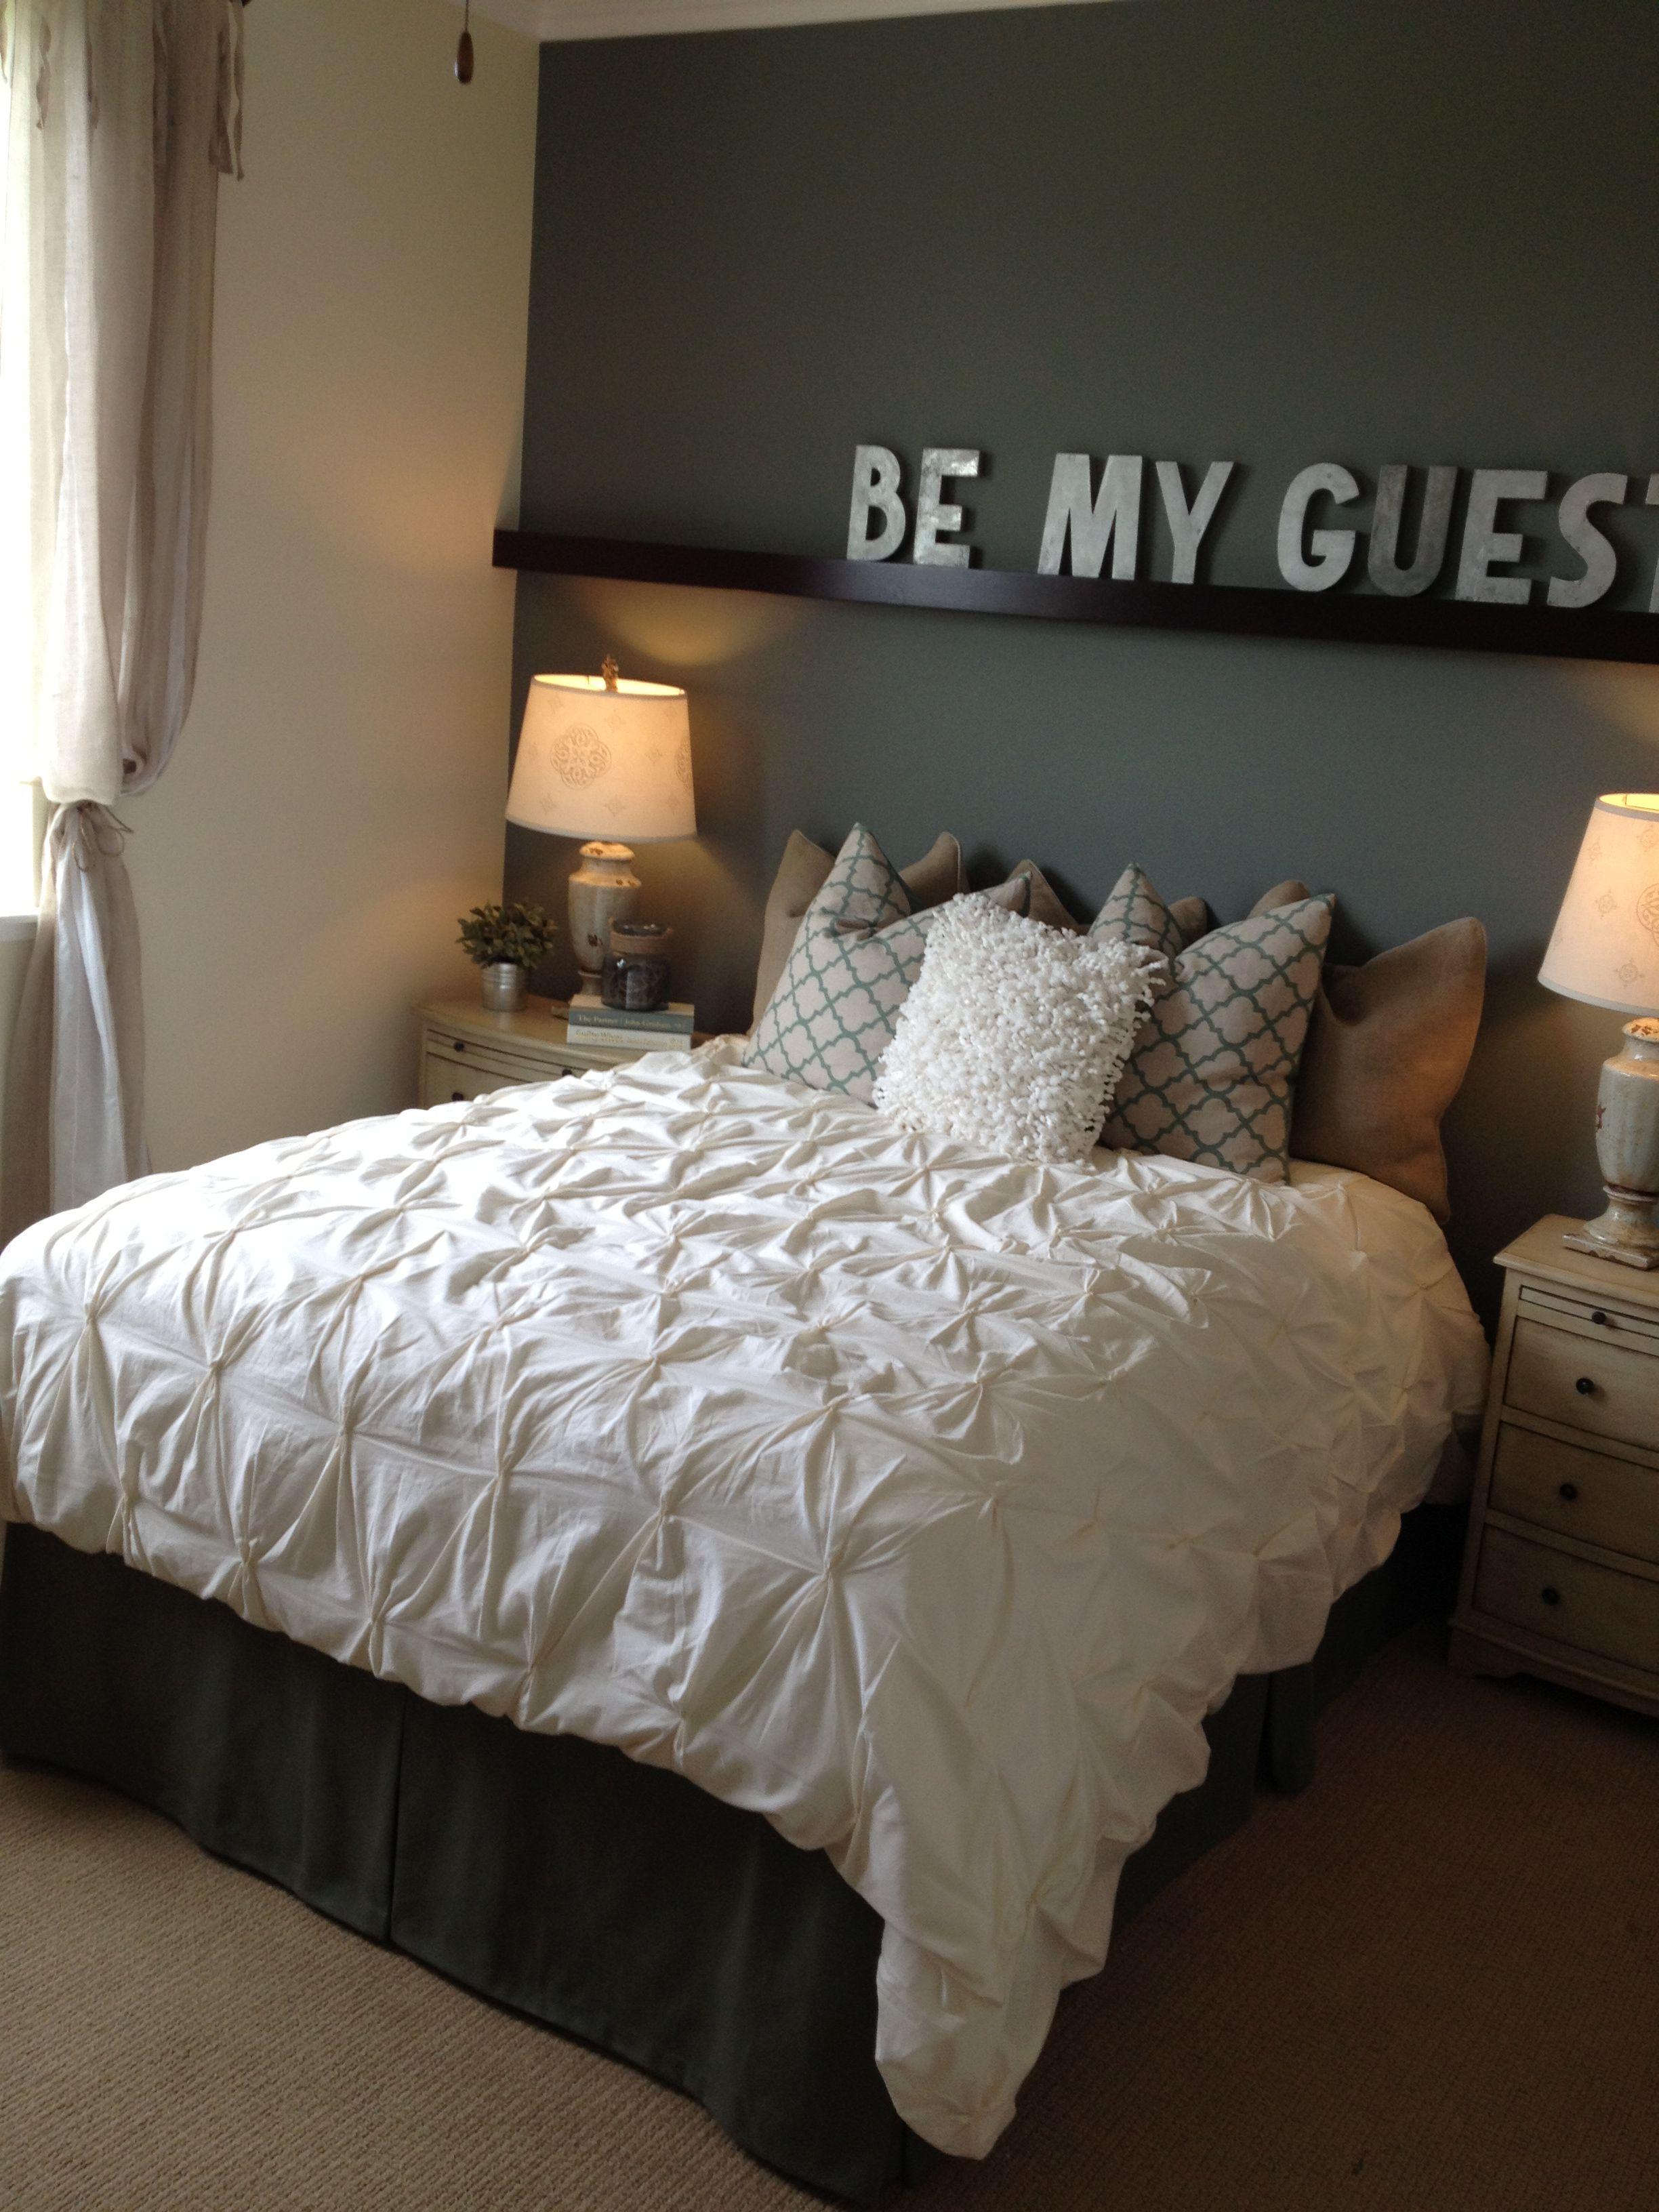 Home Remodeling Guest Bedroom Design Home Bedroom Home Remodeling